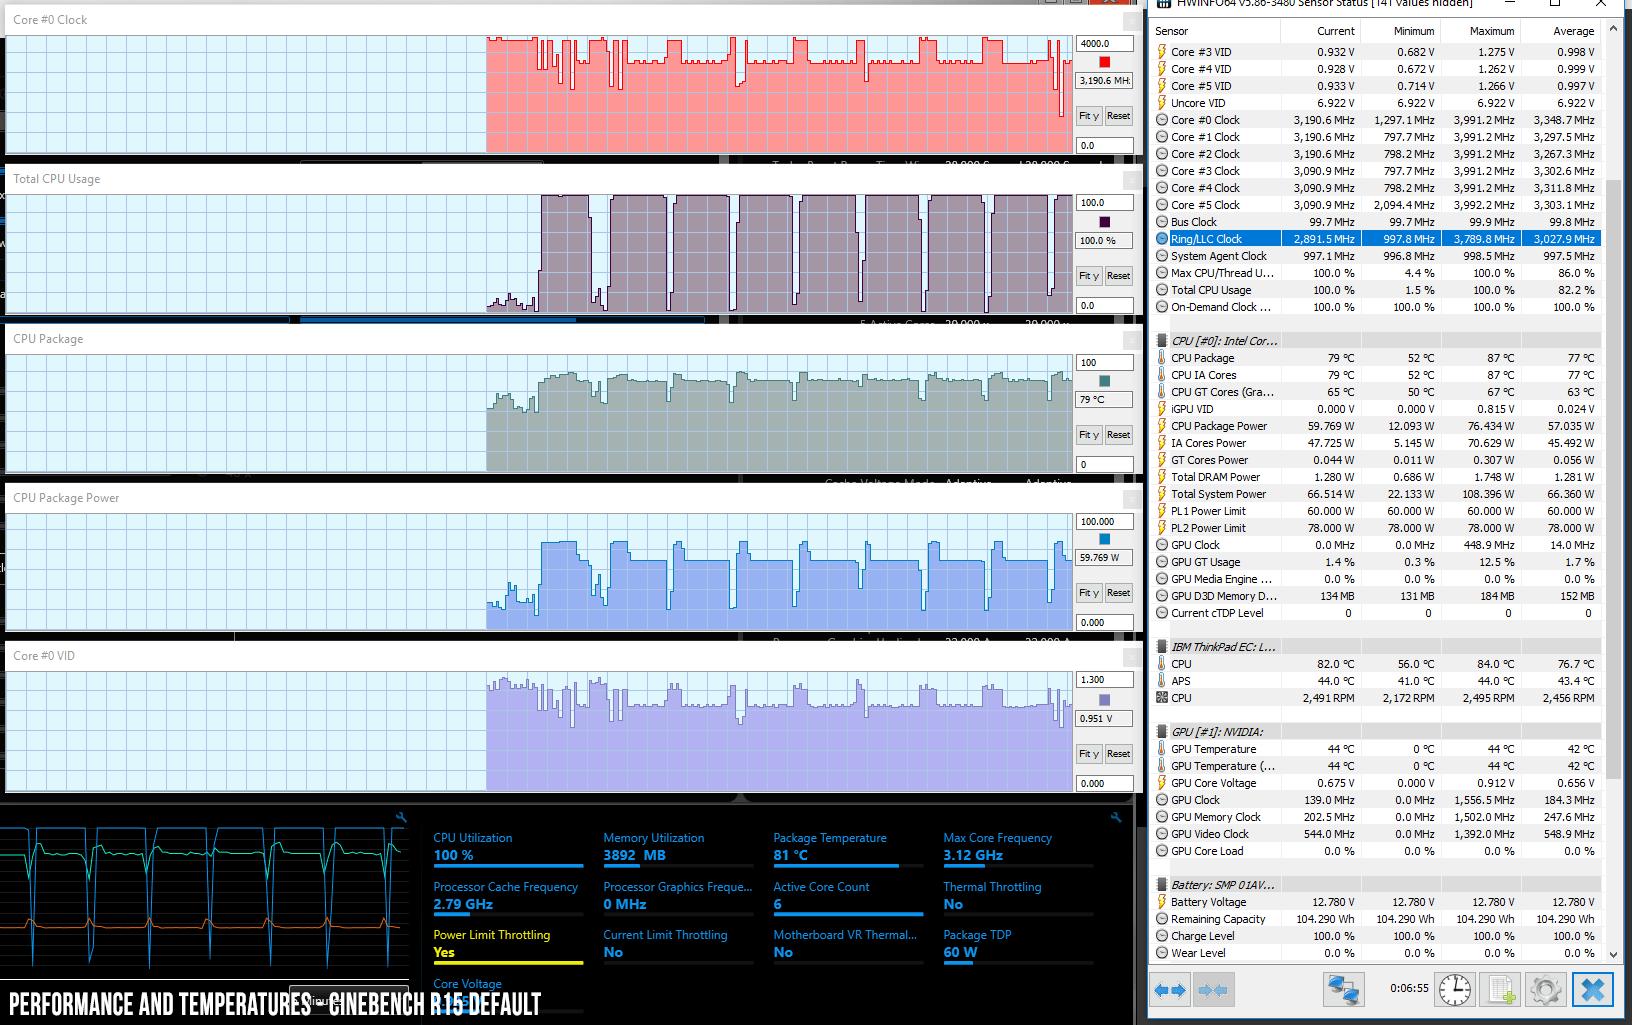 Lenovo ThinkPad P72 review (i7-8750H, Quadro P2000, FHD screen